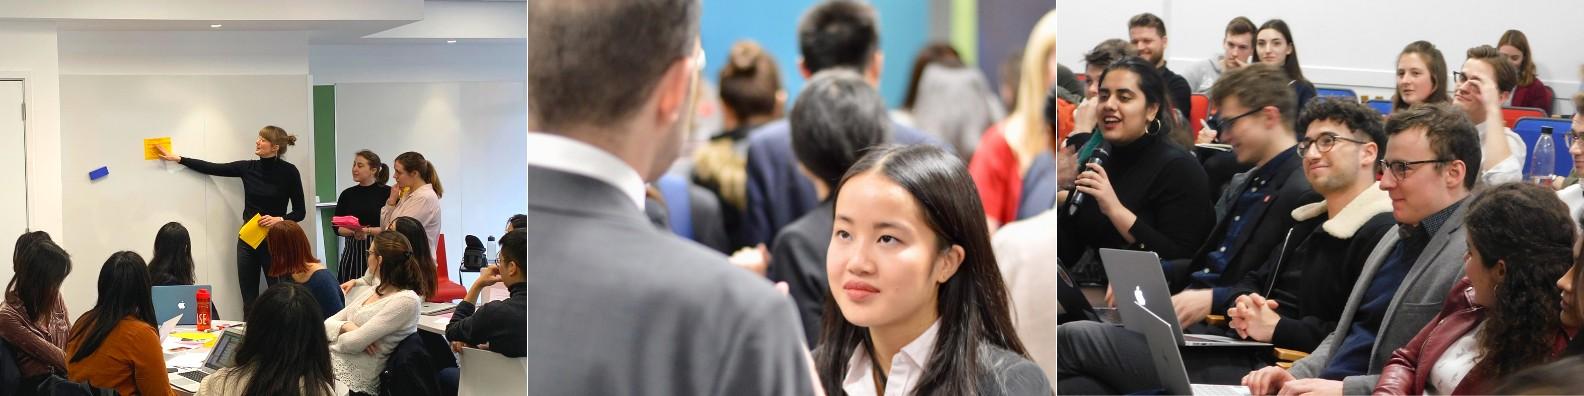 LSE Careers   LinkedIn